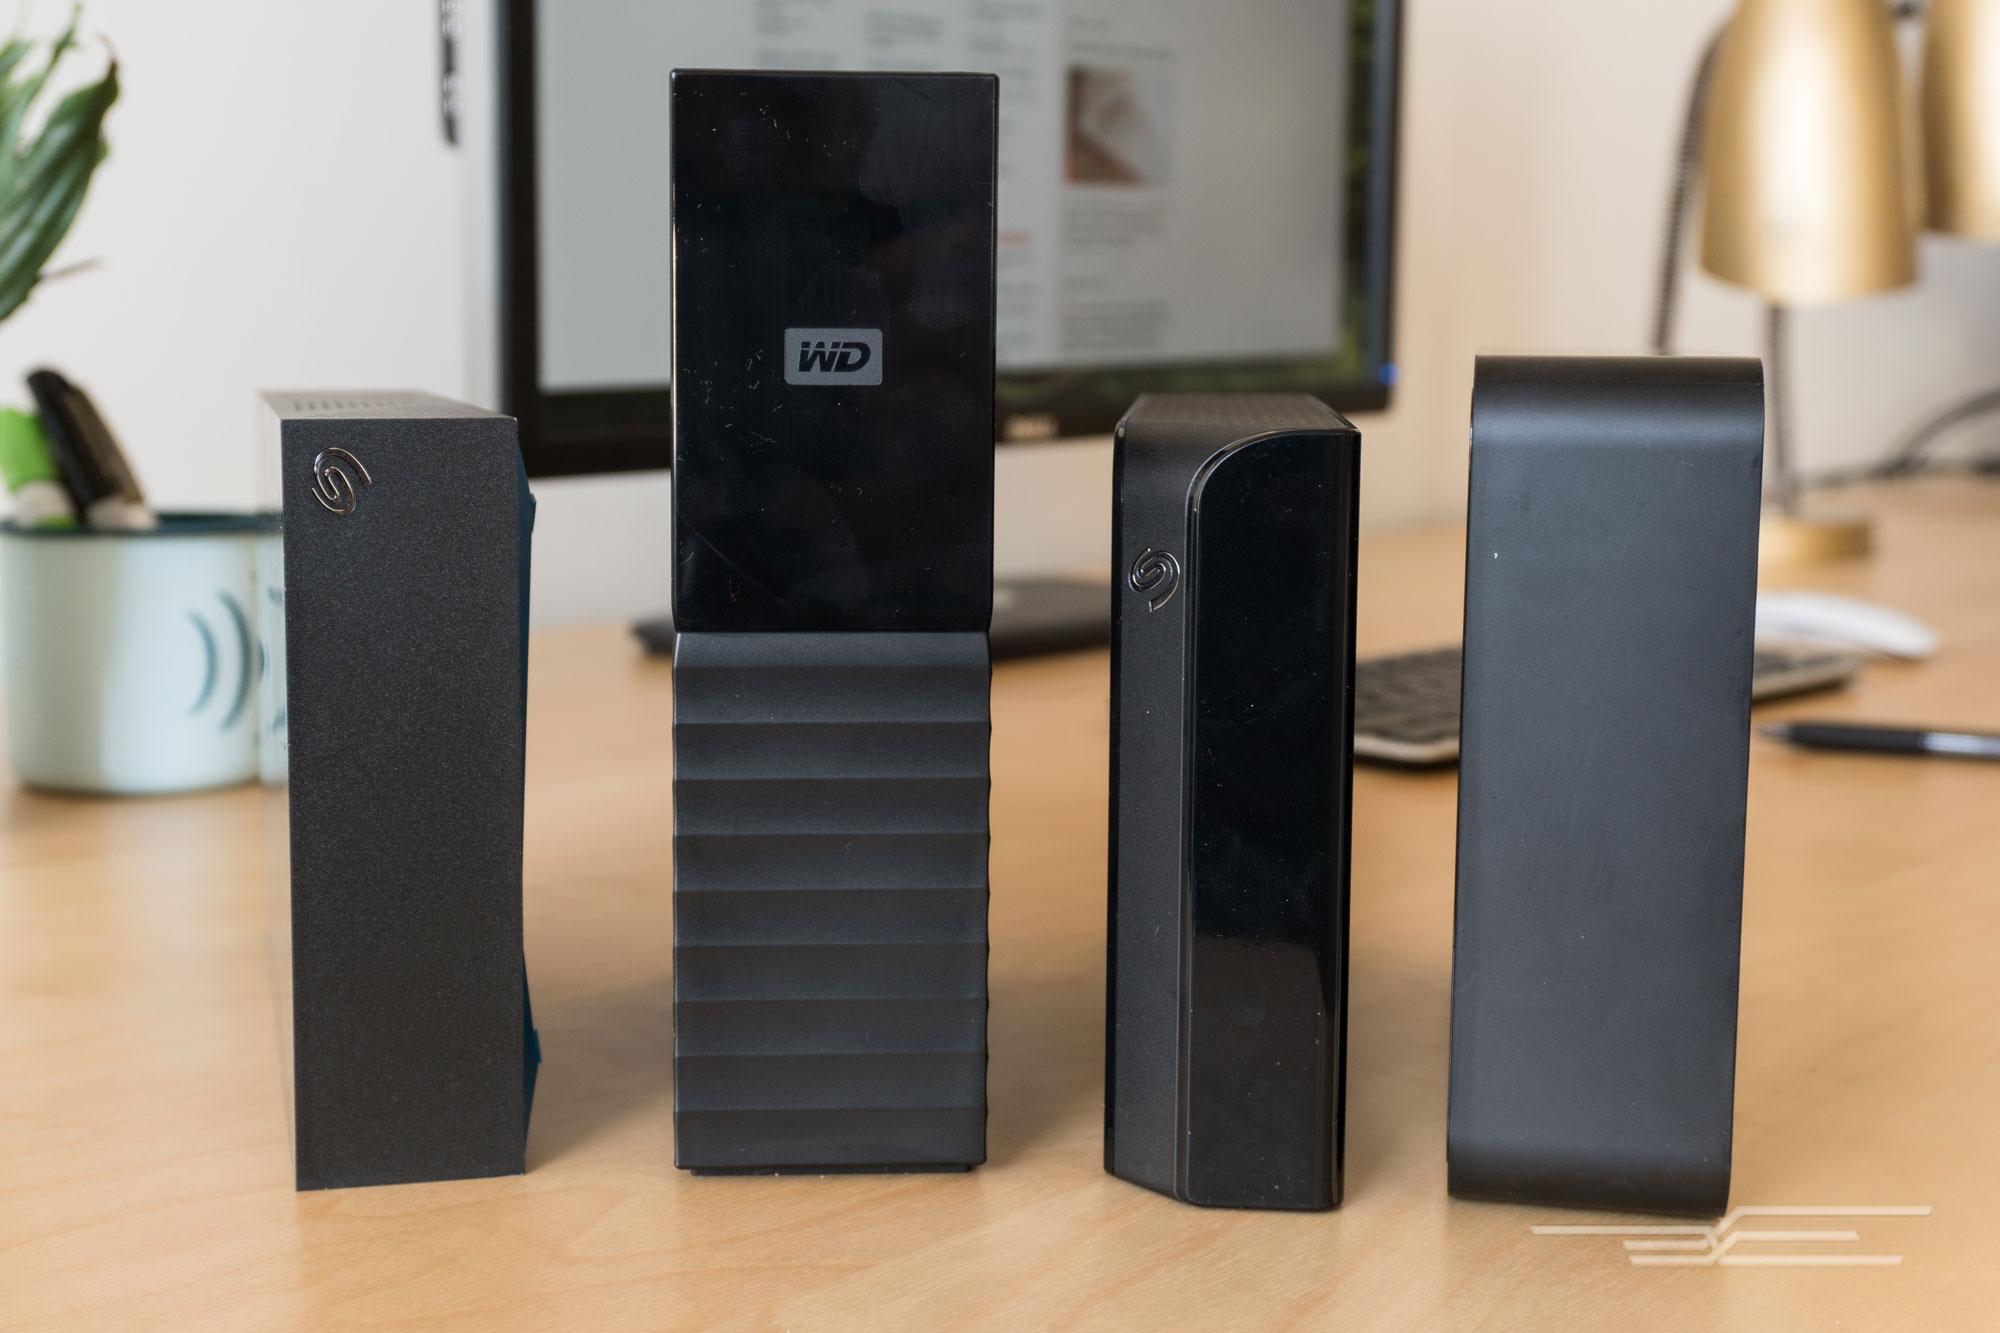 The best external desktop hard drive